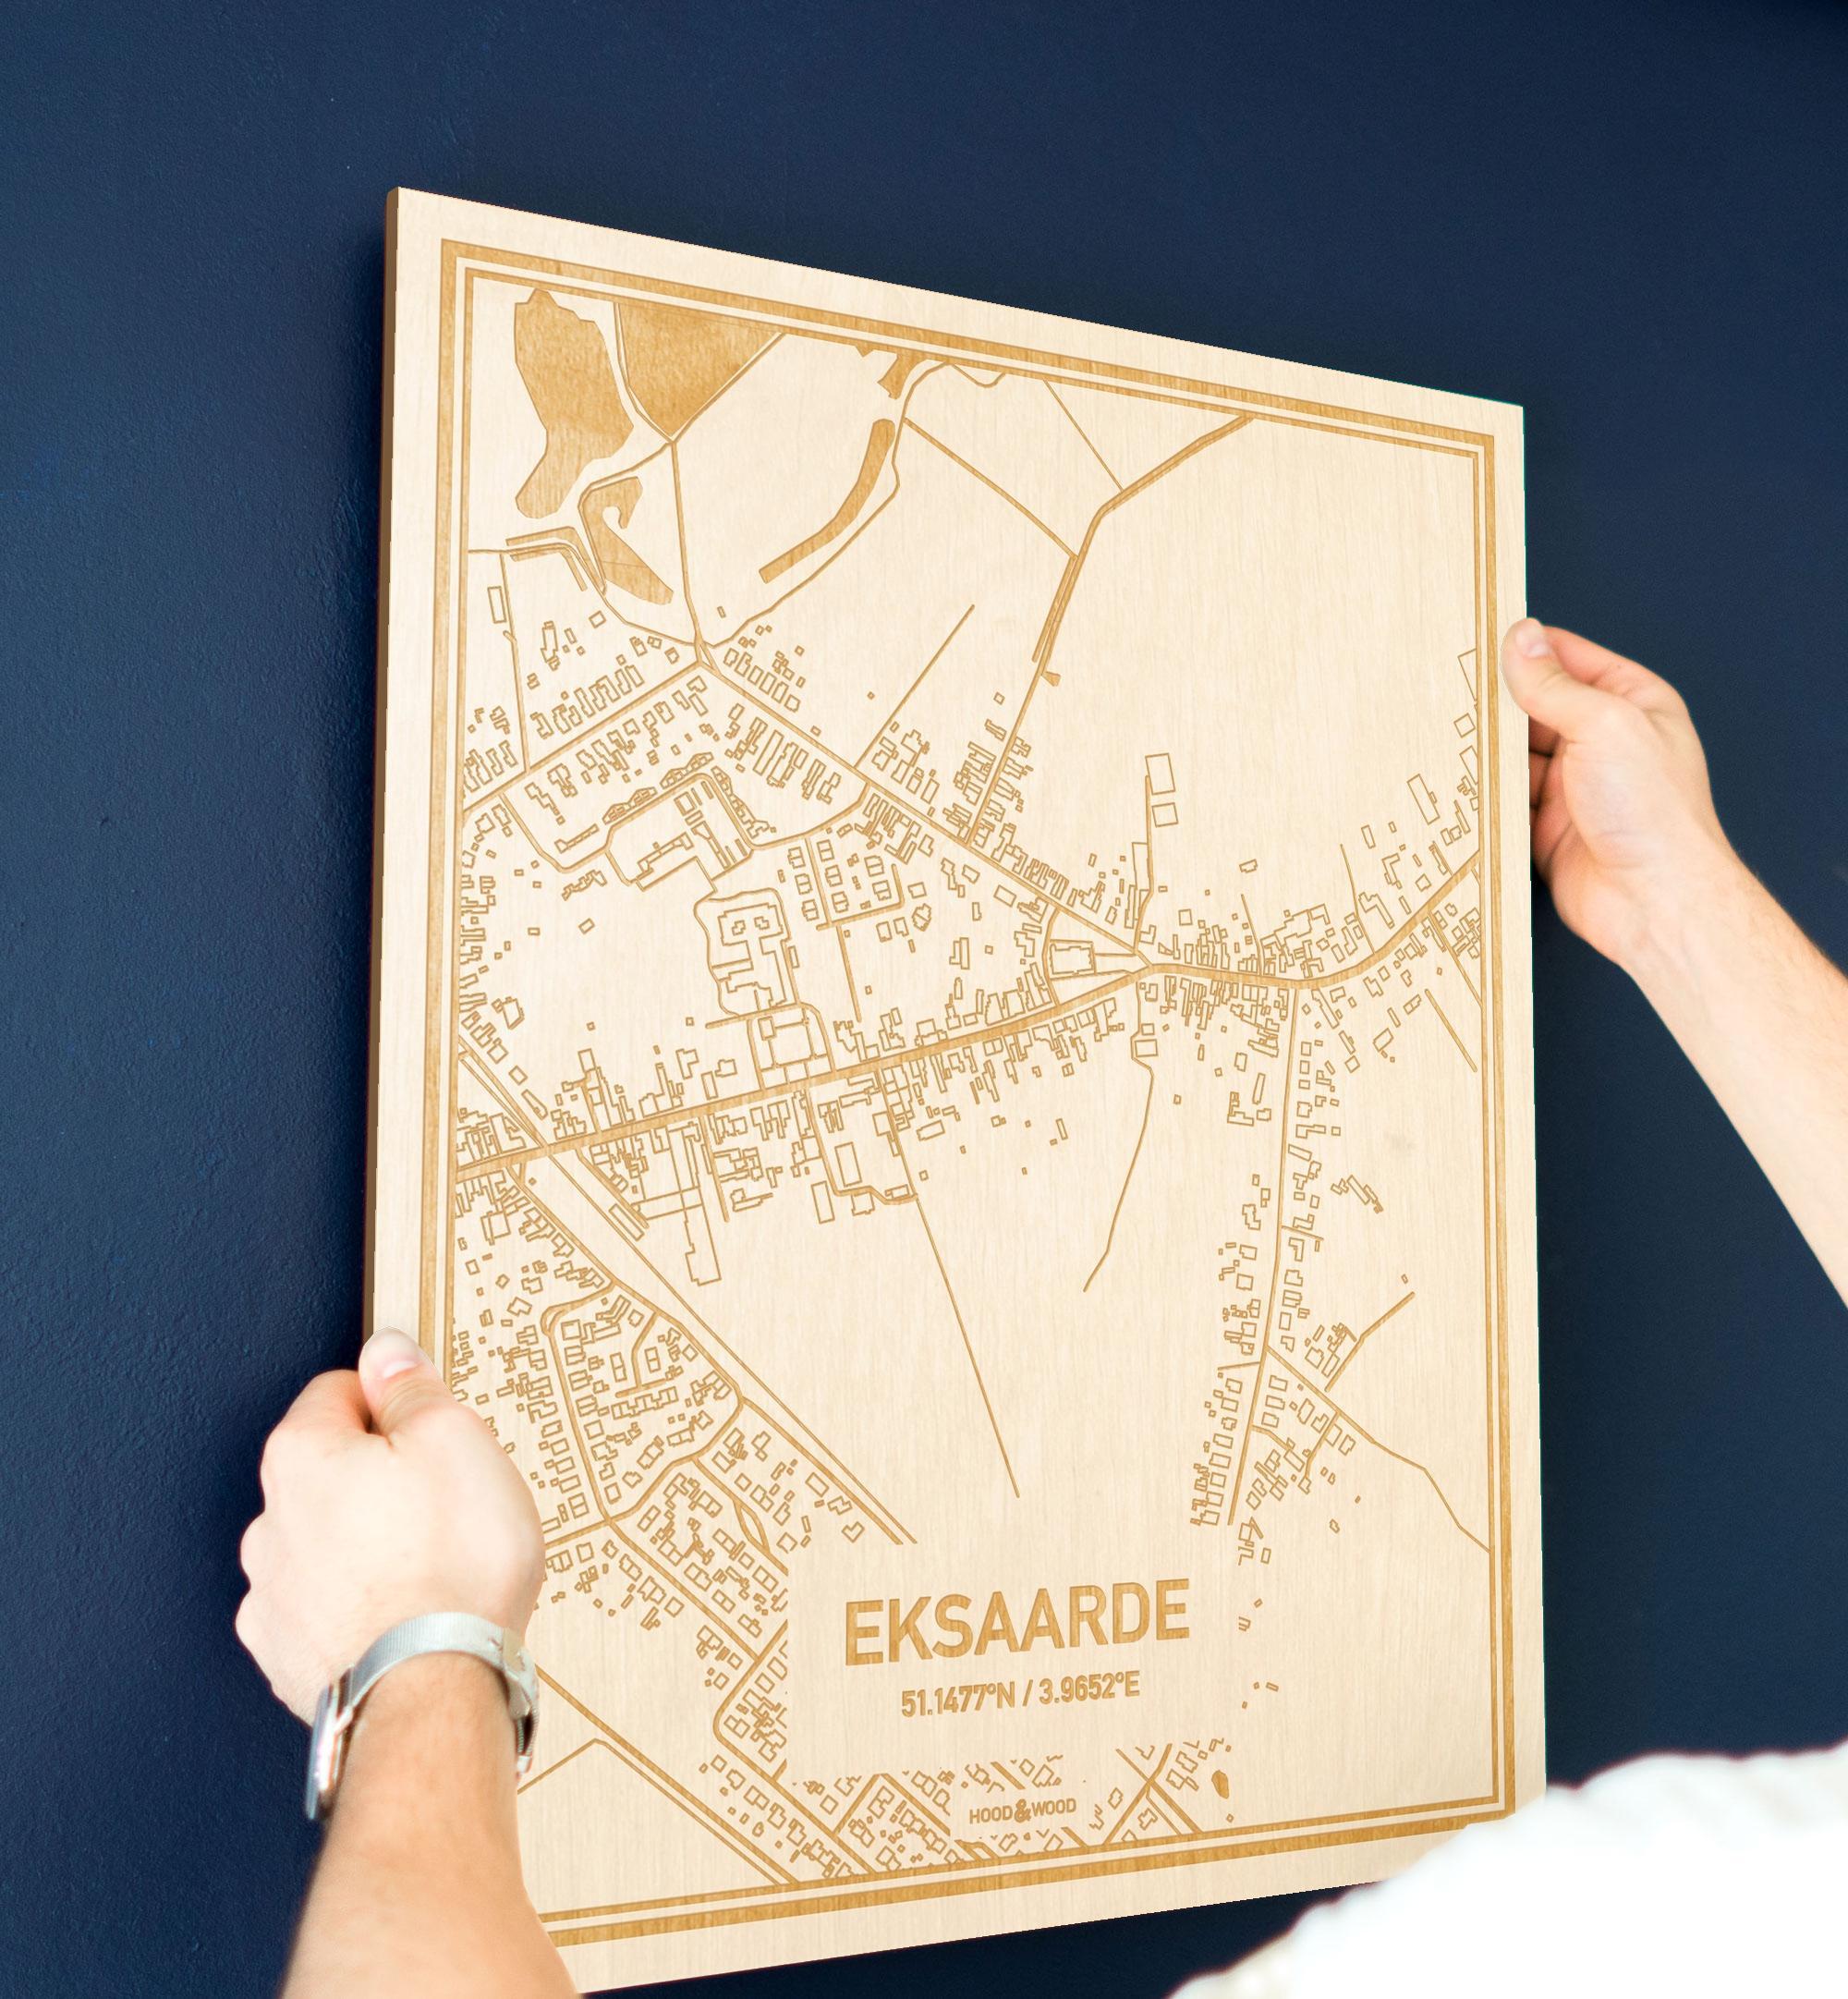 Een man hangt de houten plattegrond Eksaarde aan zijn blauwe muur ter decoratie. Je ziet alleen zijn handen de kaart van deze moderne in Oost-Vlaanderen  vasthouden.